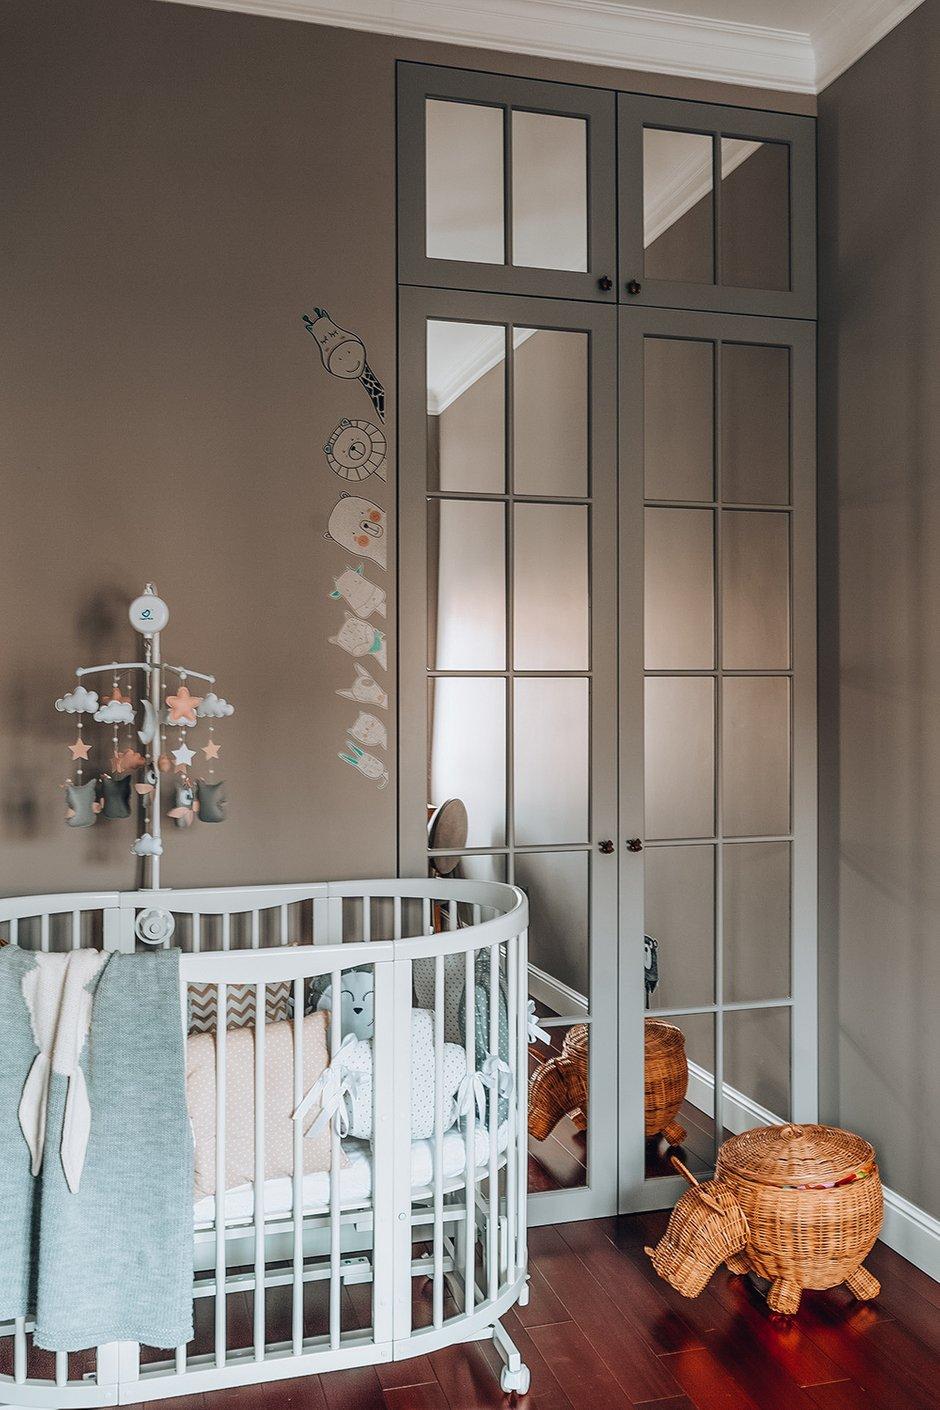 Фотография: Детская в стиле Классический, Современный, Квартира, Проект недели, Санкт-Петербург, 3 комнаты, 60-90 метров, Наталья Комова – фото на INMYROOM